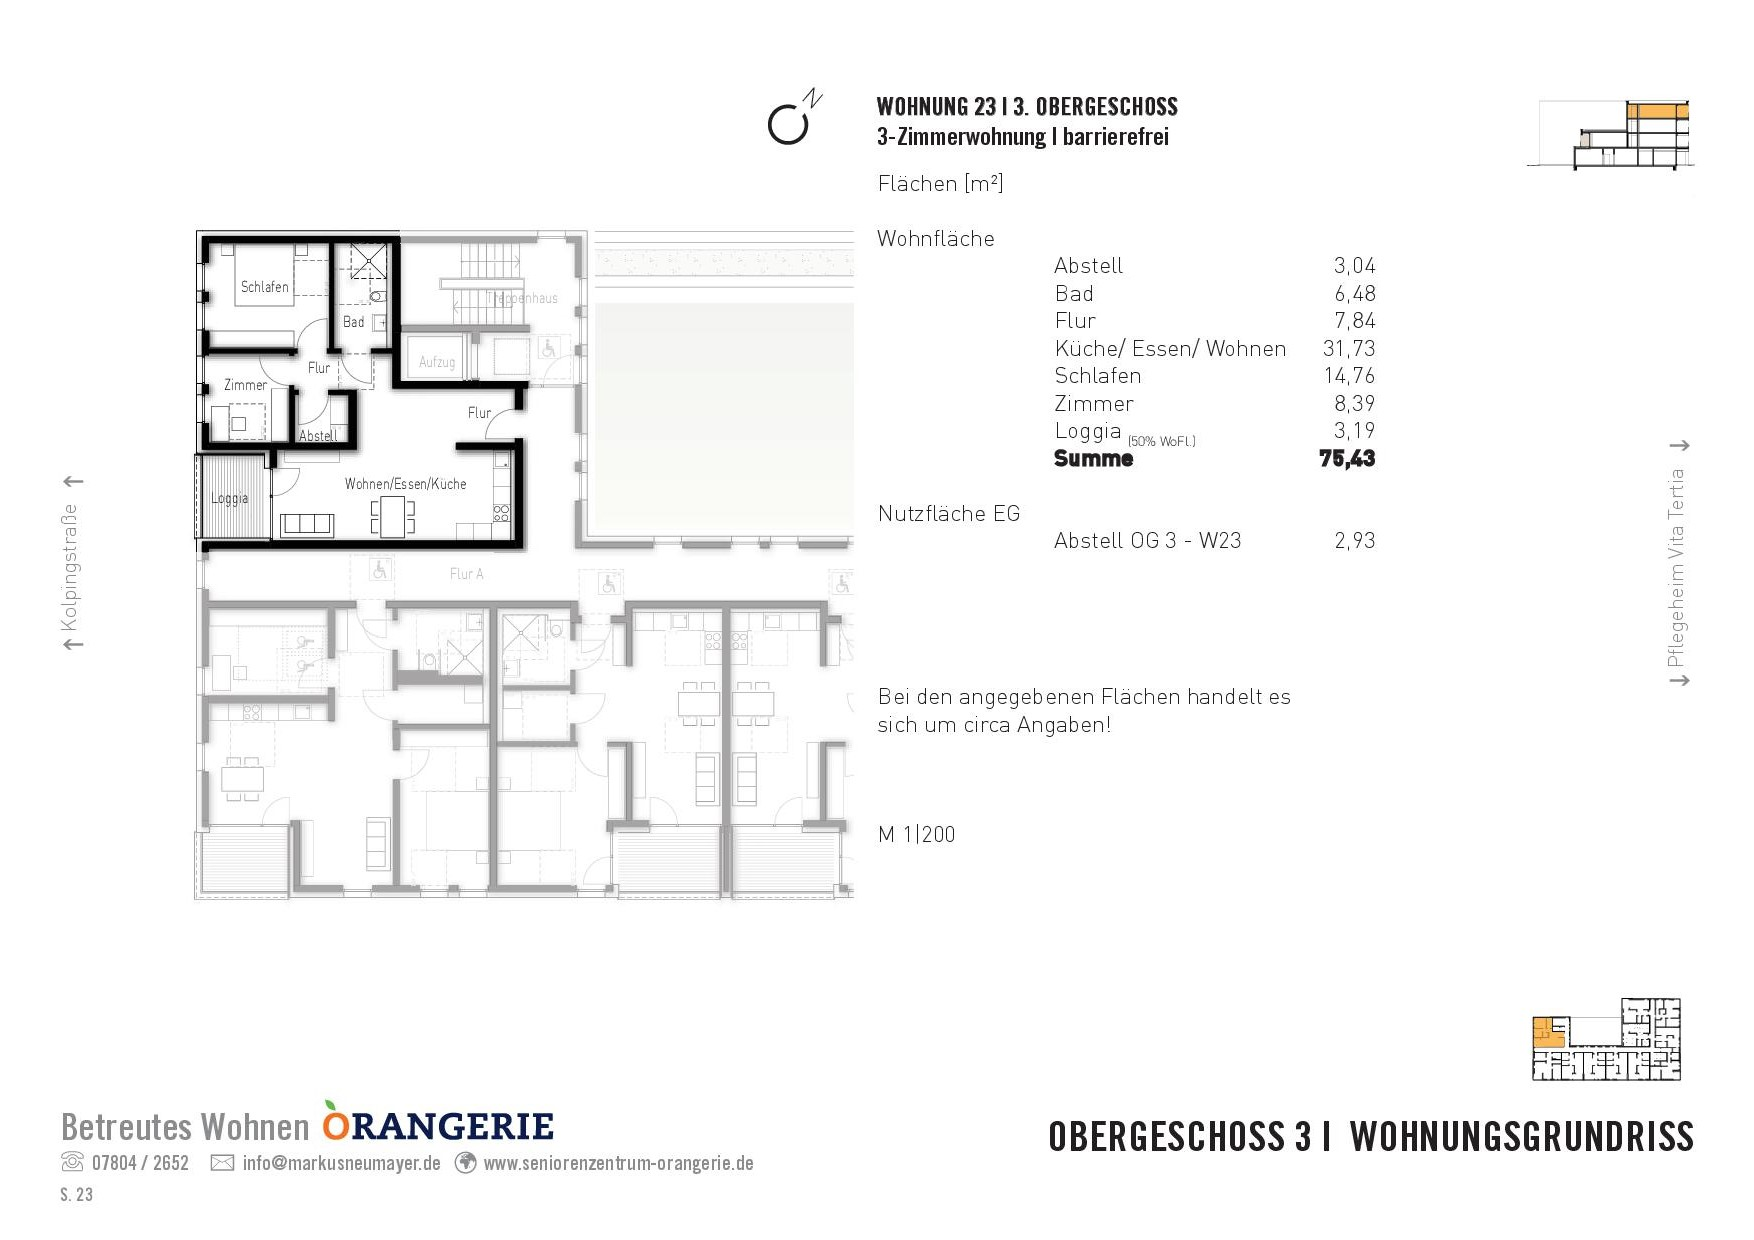 Wohnung Nr. 23